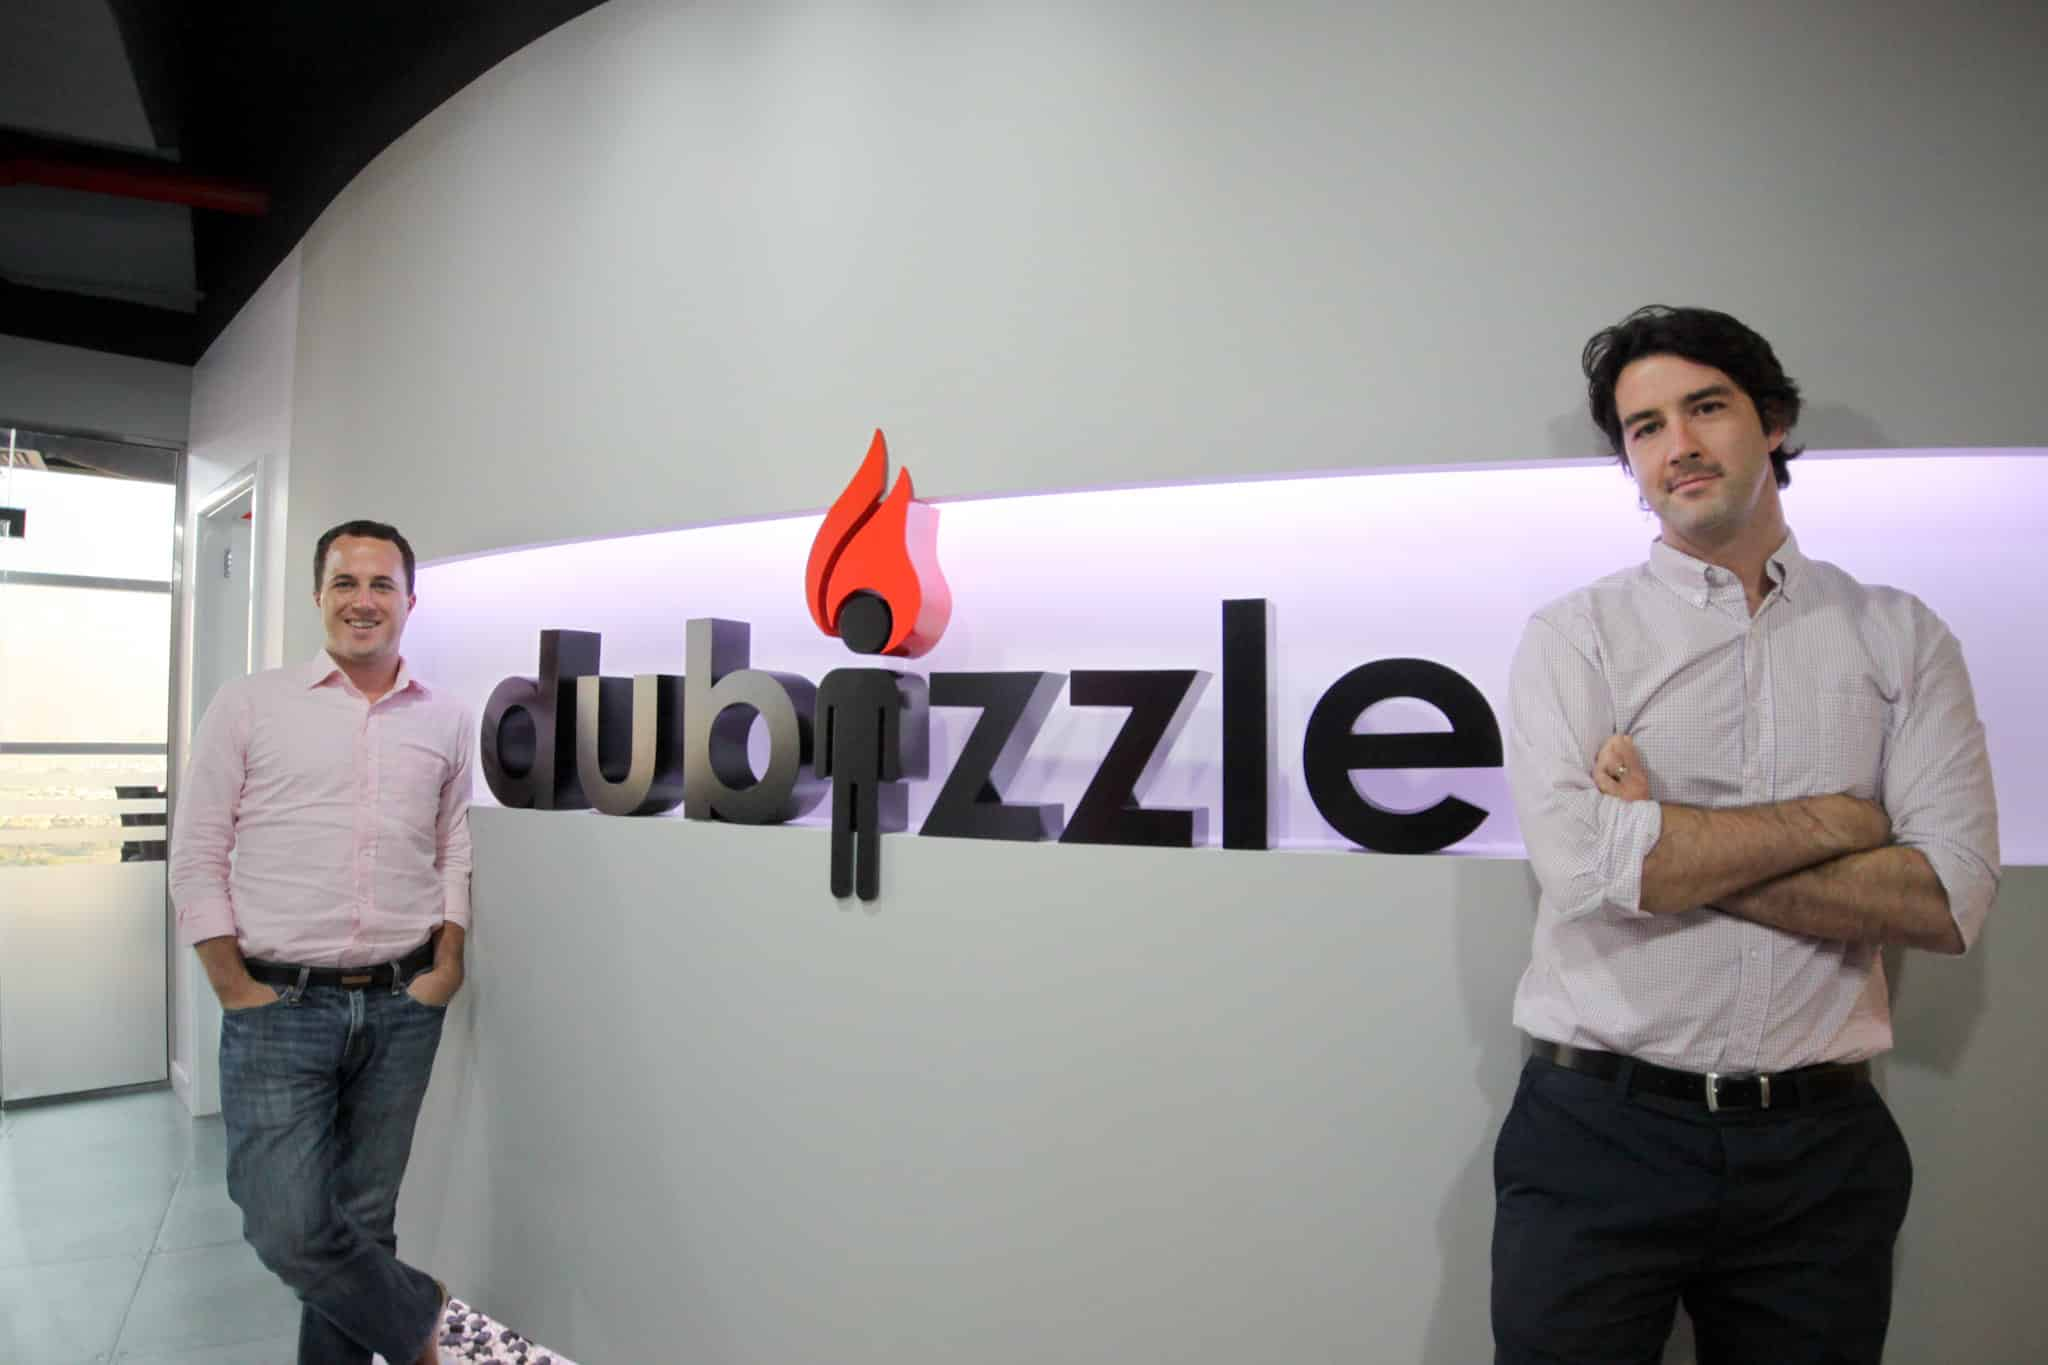 Dubizzle هل يعود دوبيزل إلى المغرب لمنافسة أفيتو ؟